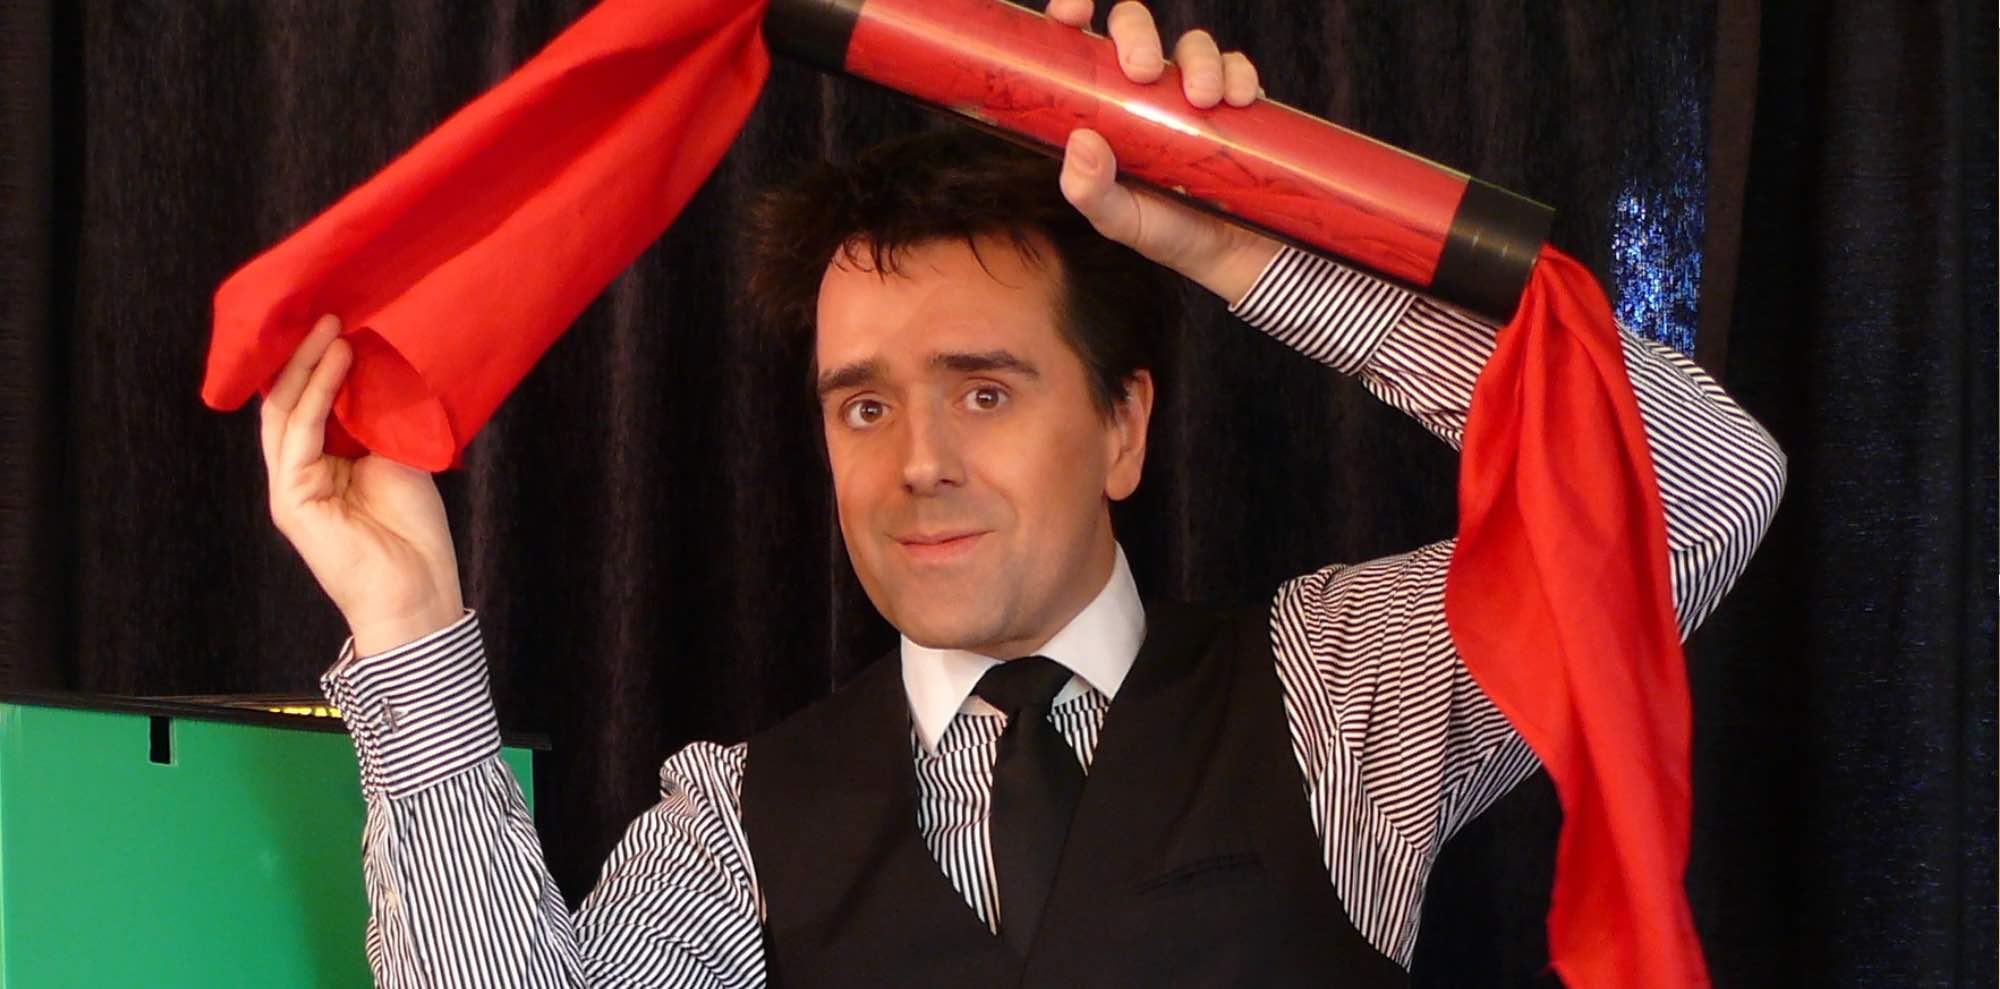 Spectacle de magie pour centre de loisirs, vacances scolaires, Halloween, Arbre de noël à cergy, Pontoise, Argenteuil, Versailles, Saint-germain-en-laye, Meaux, Noisy-le-grand, Roissy-en-brie, Torcy